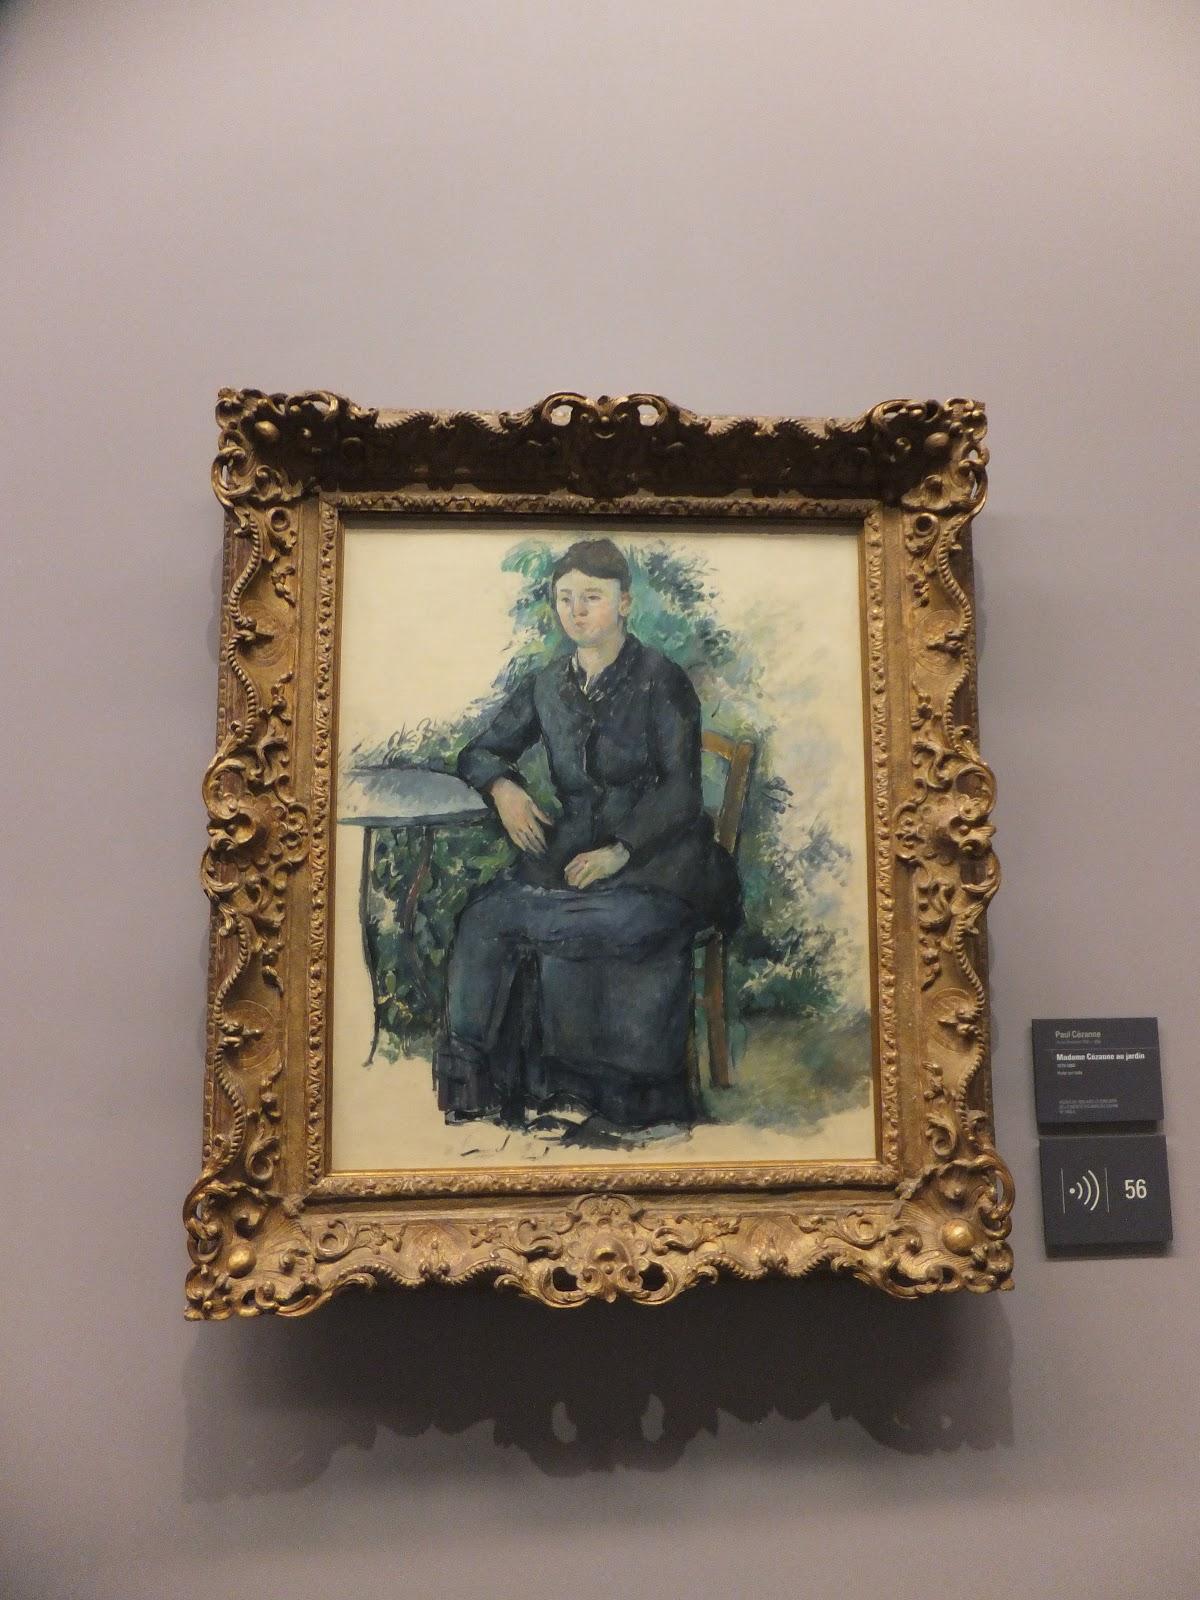 Cezanne, Claude Monet, Museo de la Orangerie, París, Francia, Arte, nympheas, impresionismo, Elisa N, Blog Viajes, Lifestyle, Travel, TravelBlogger, Blog Turismo, Viajes, Fotos, Blog LifeStyle, Elisa Argentina, jardines